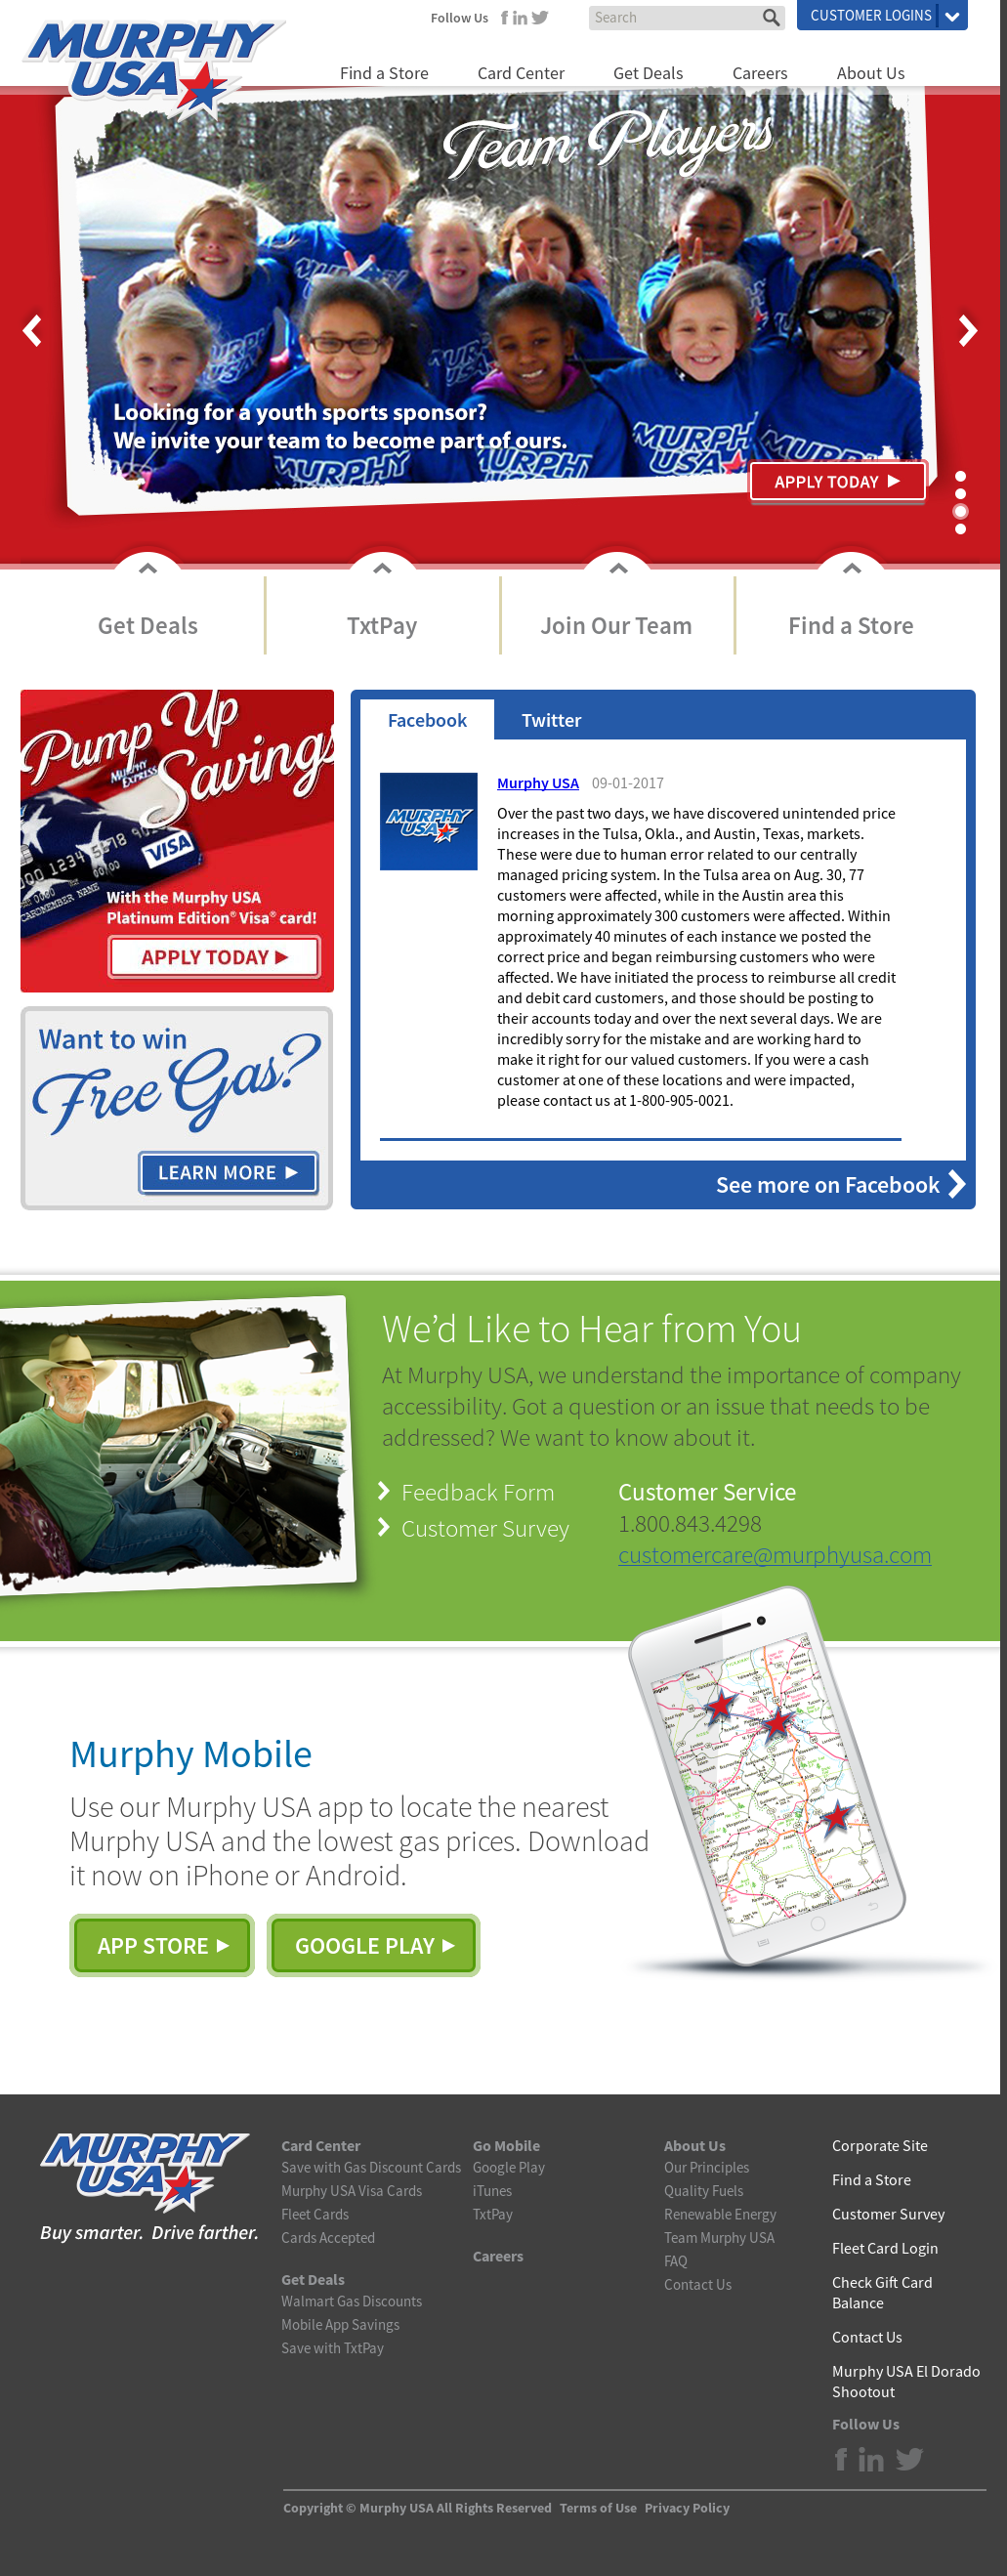 murphy usas website screenshot on sep 2017 - Murphy Visa Card